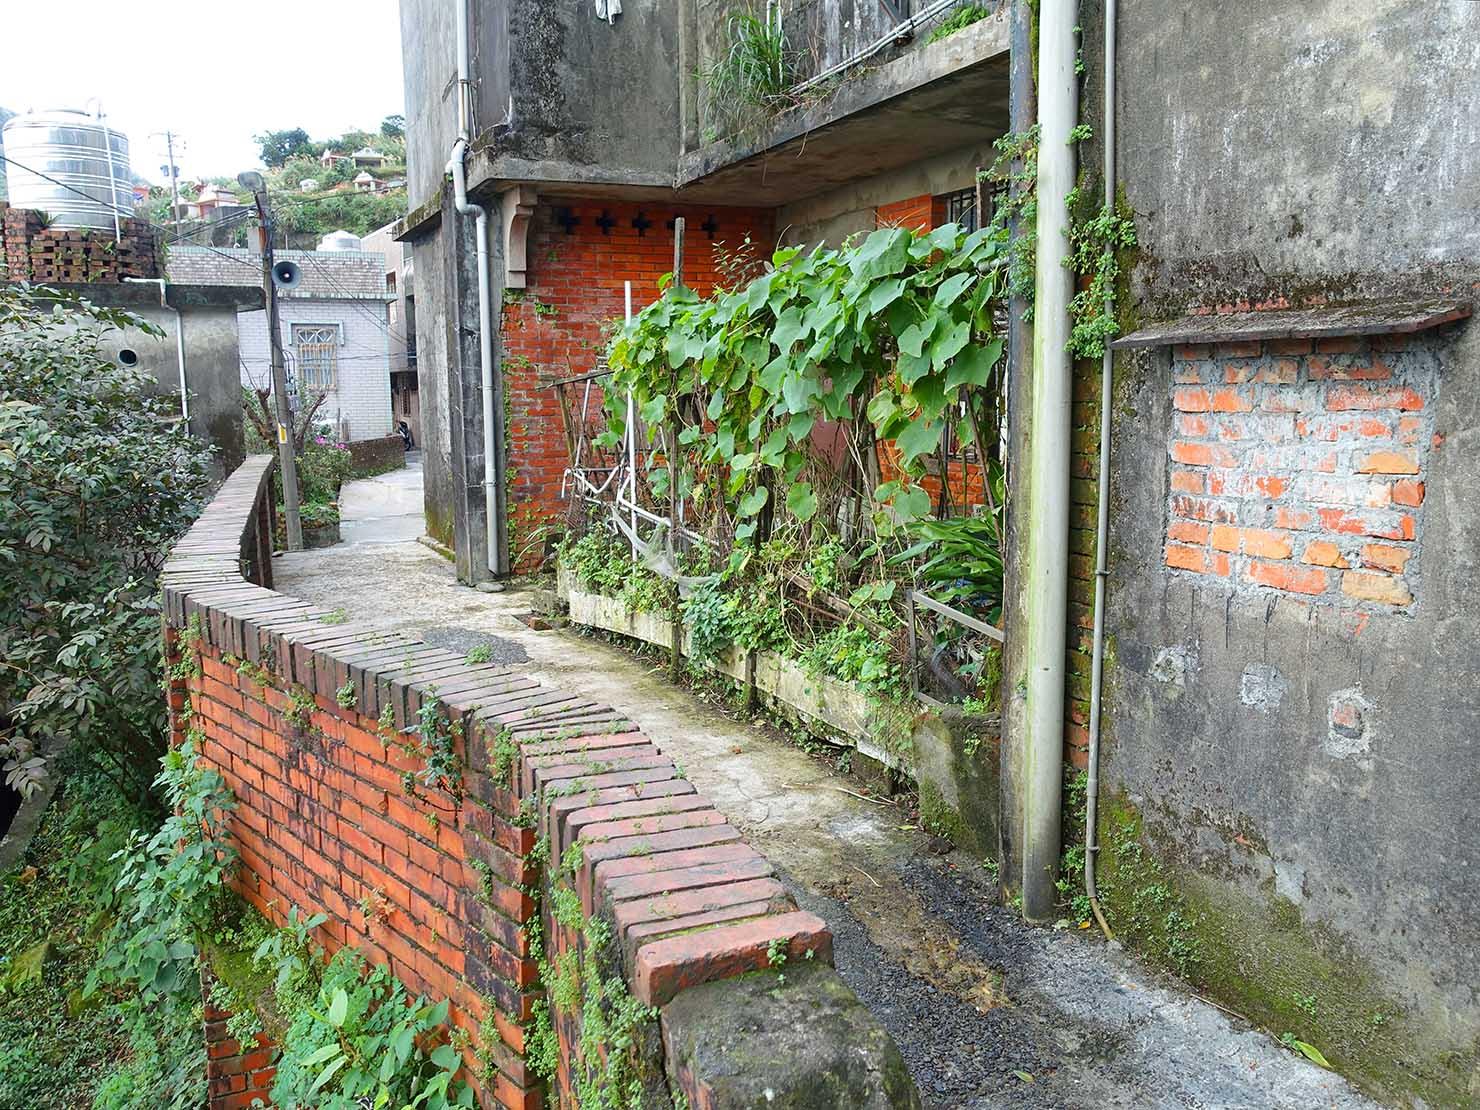 台北・九份の生活エリアにあるれんが造りの建物